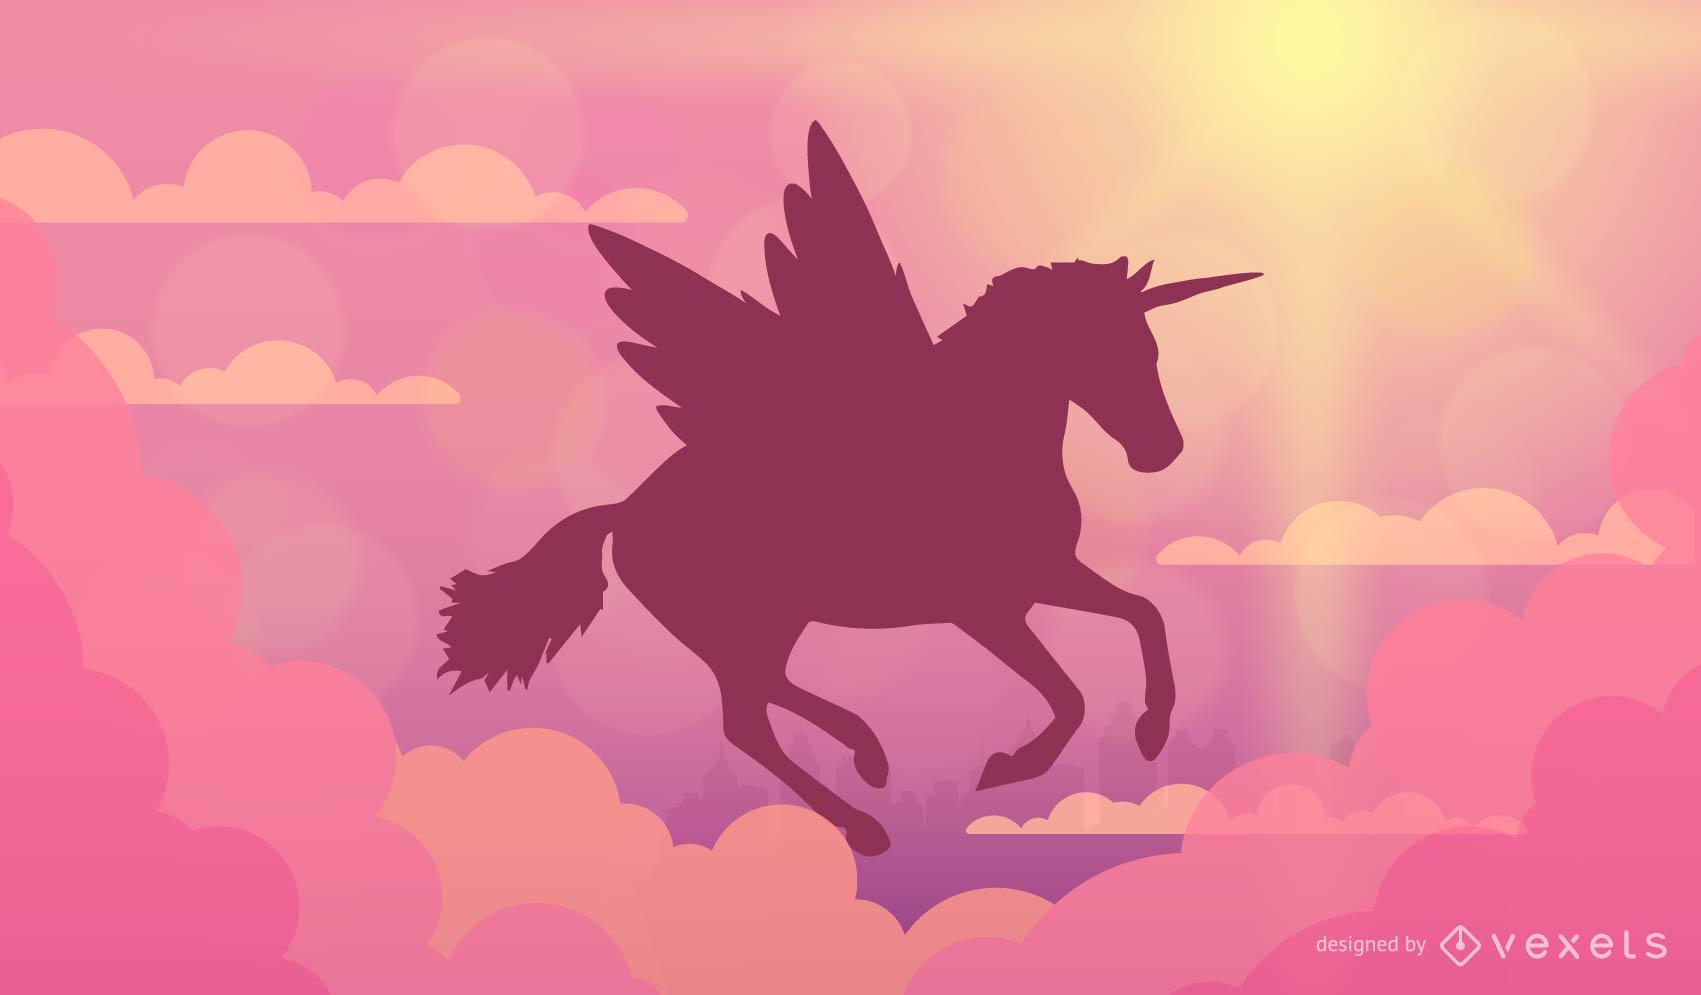 Flying unicorn background